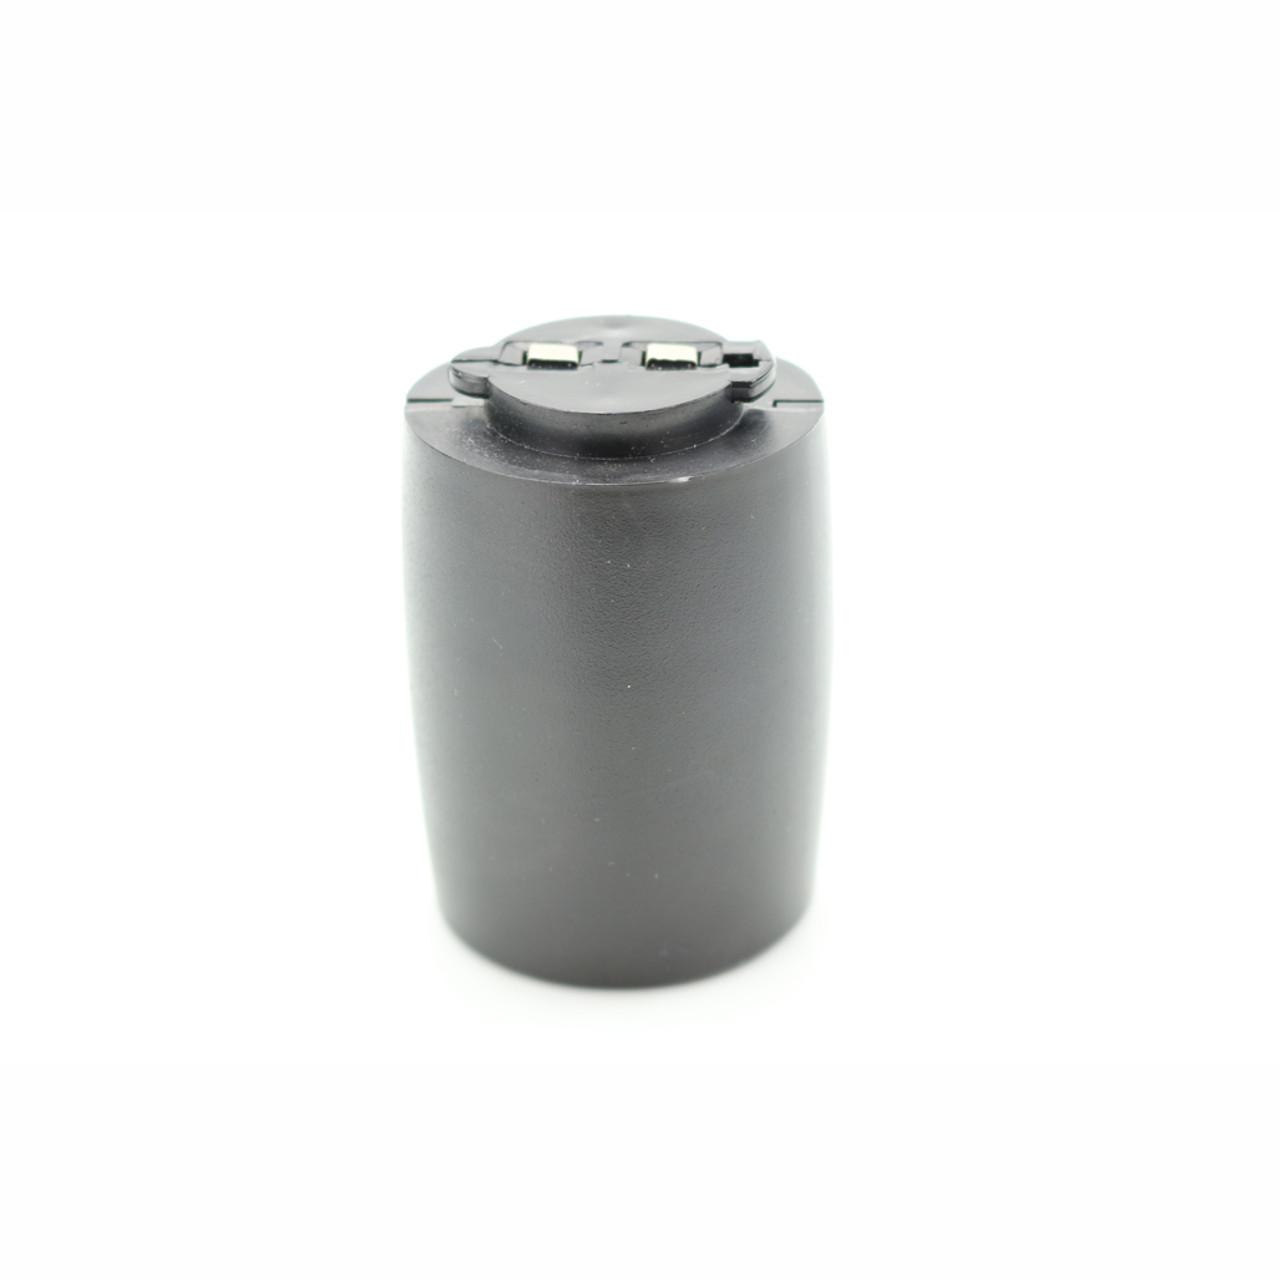 Purrrl/Speed Feed battery.